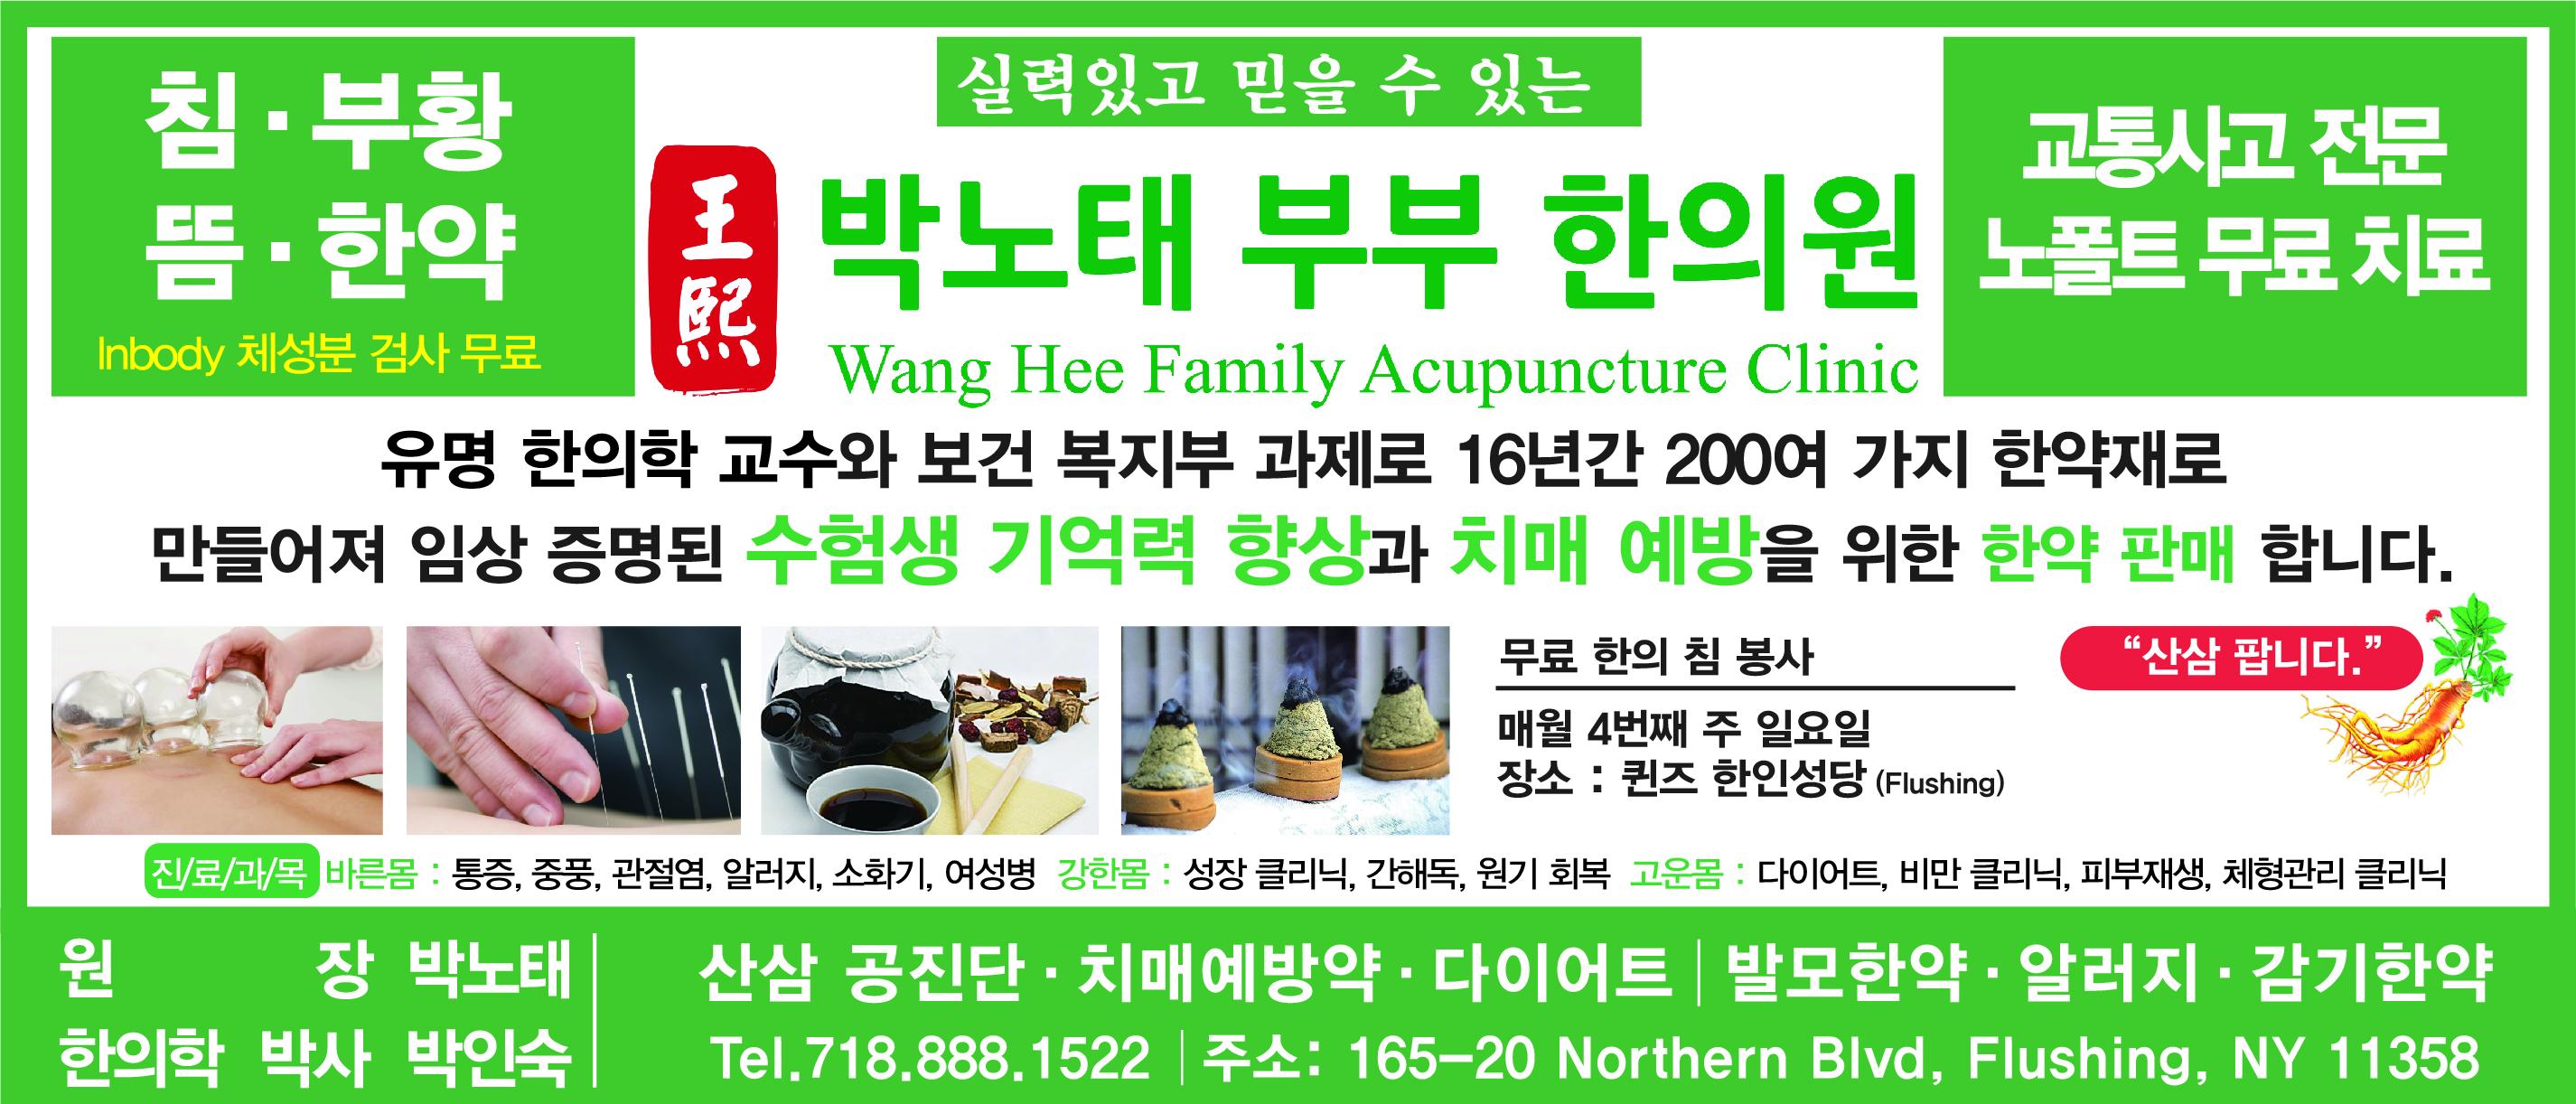 조부_3C박노태부부한의원_09.12.19.jpg